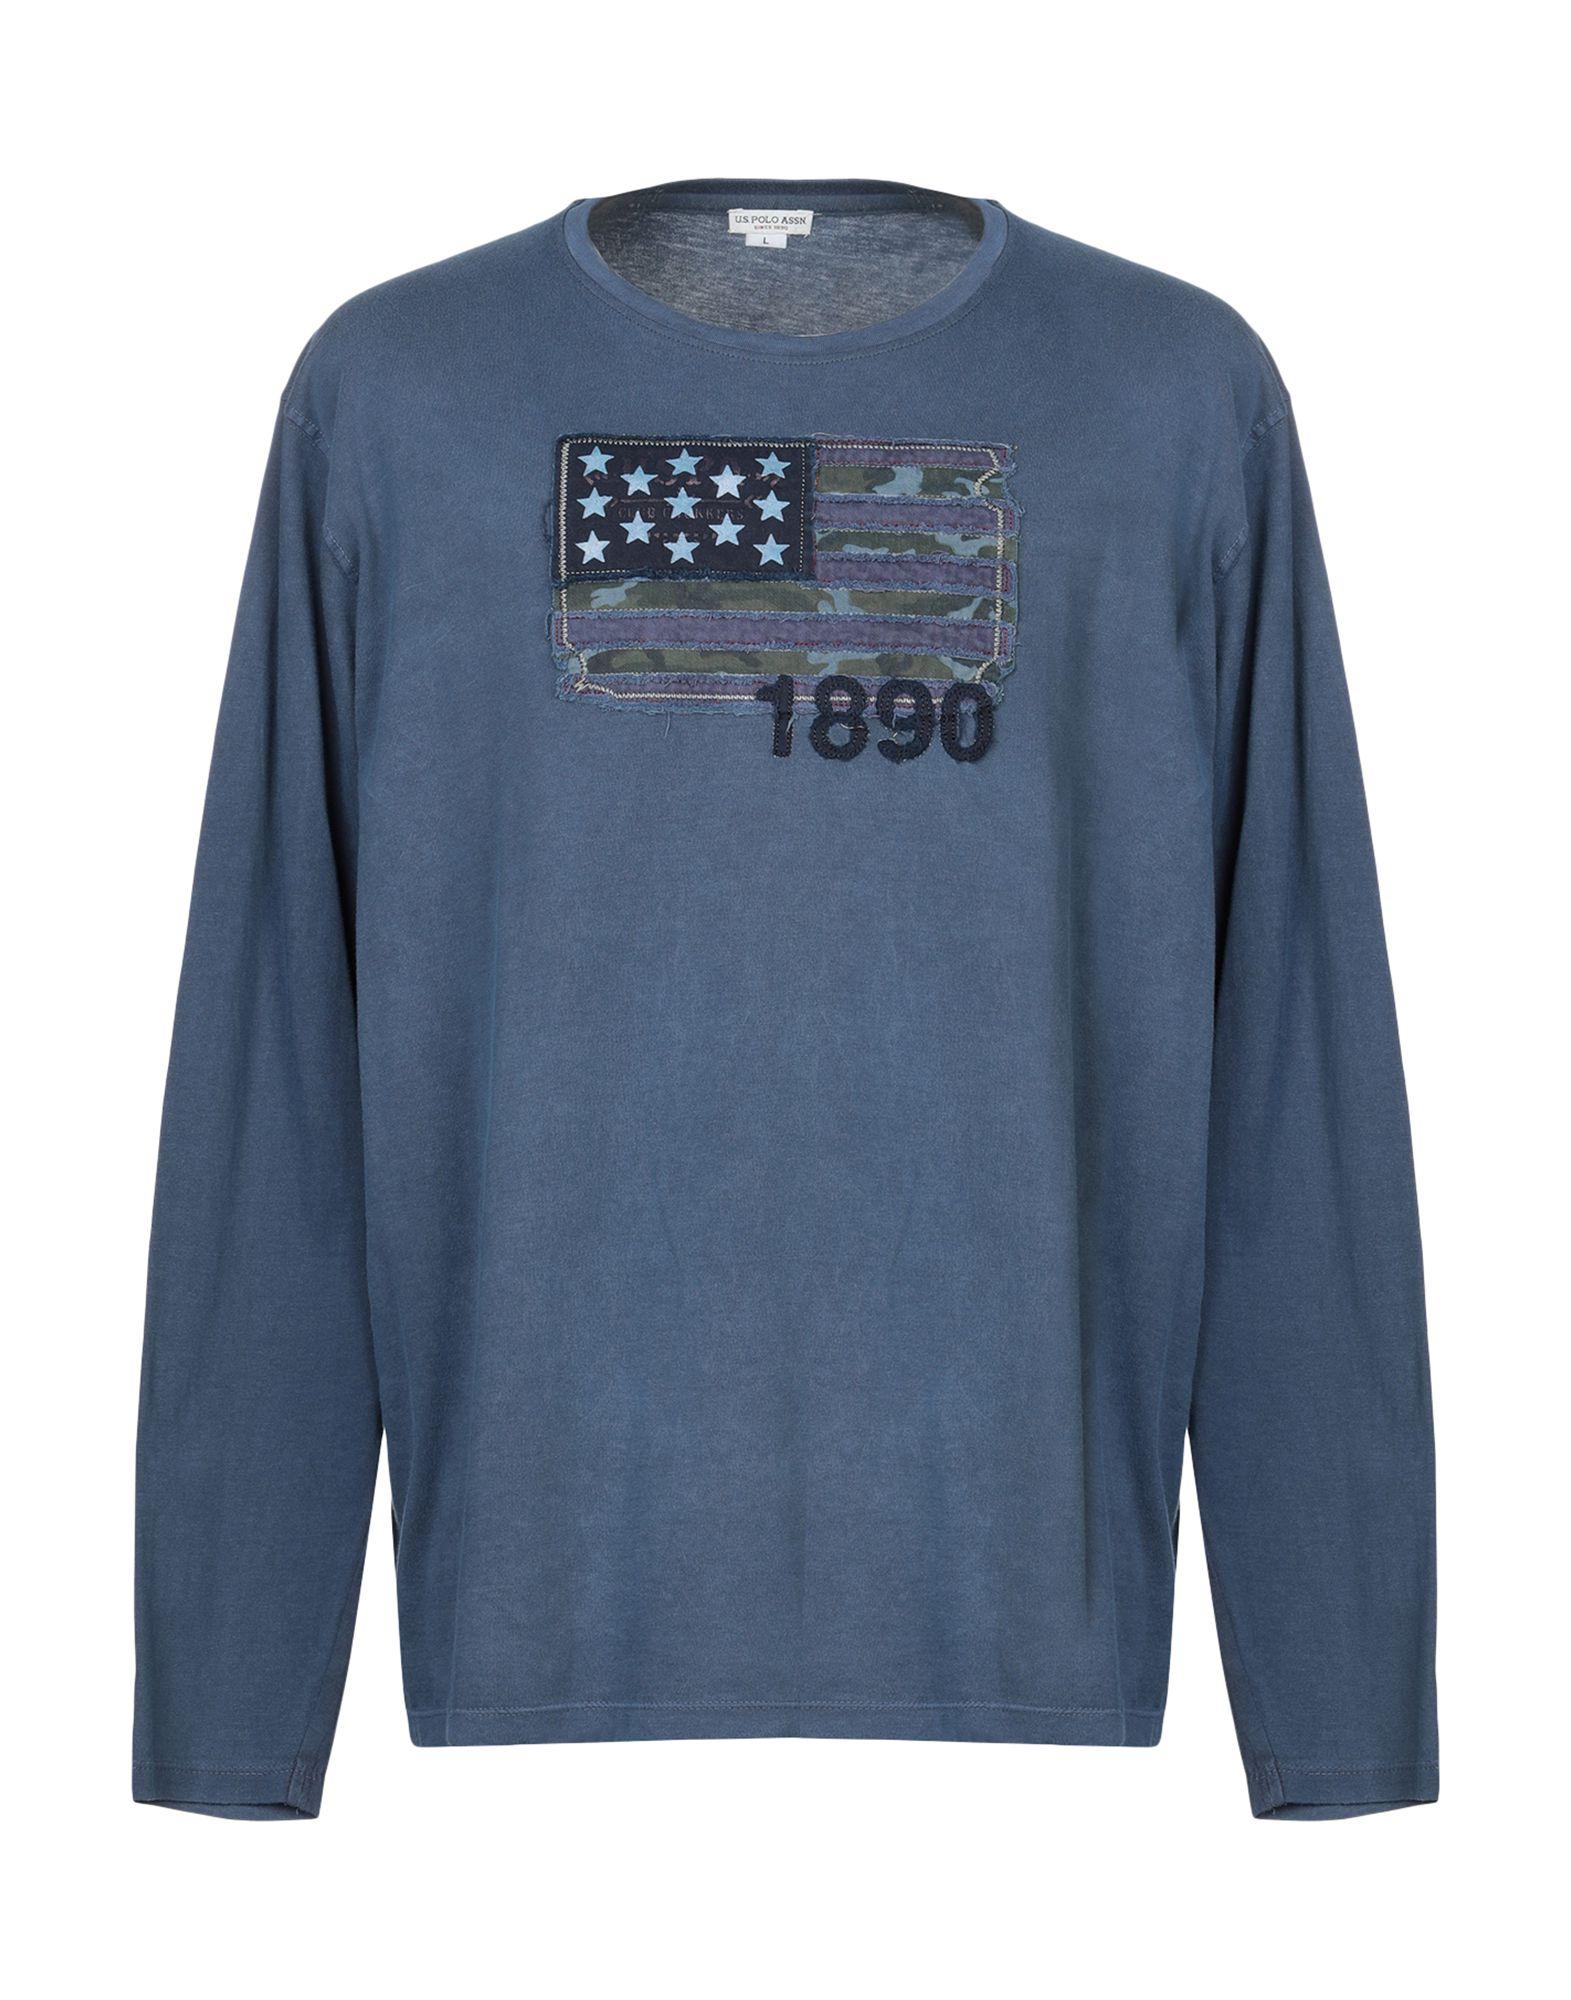 6770cc696437 U.S.Polo Assn. Camisetas - U.S.Polo Assn. Hombre - YOOX